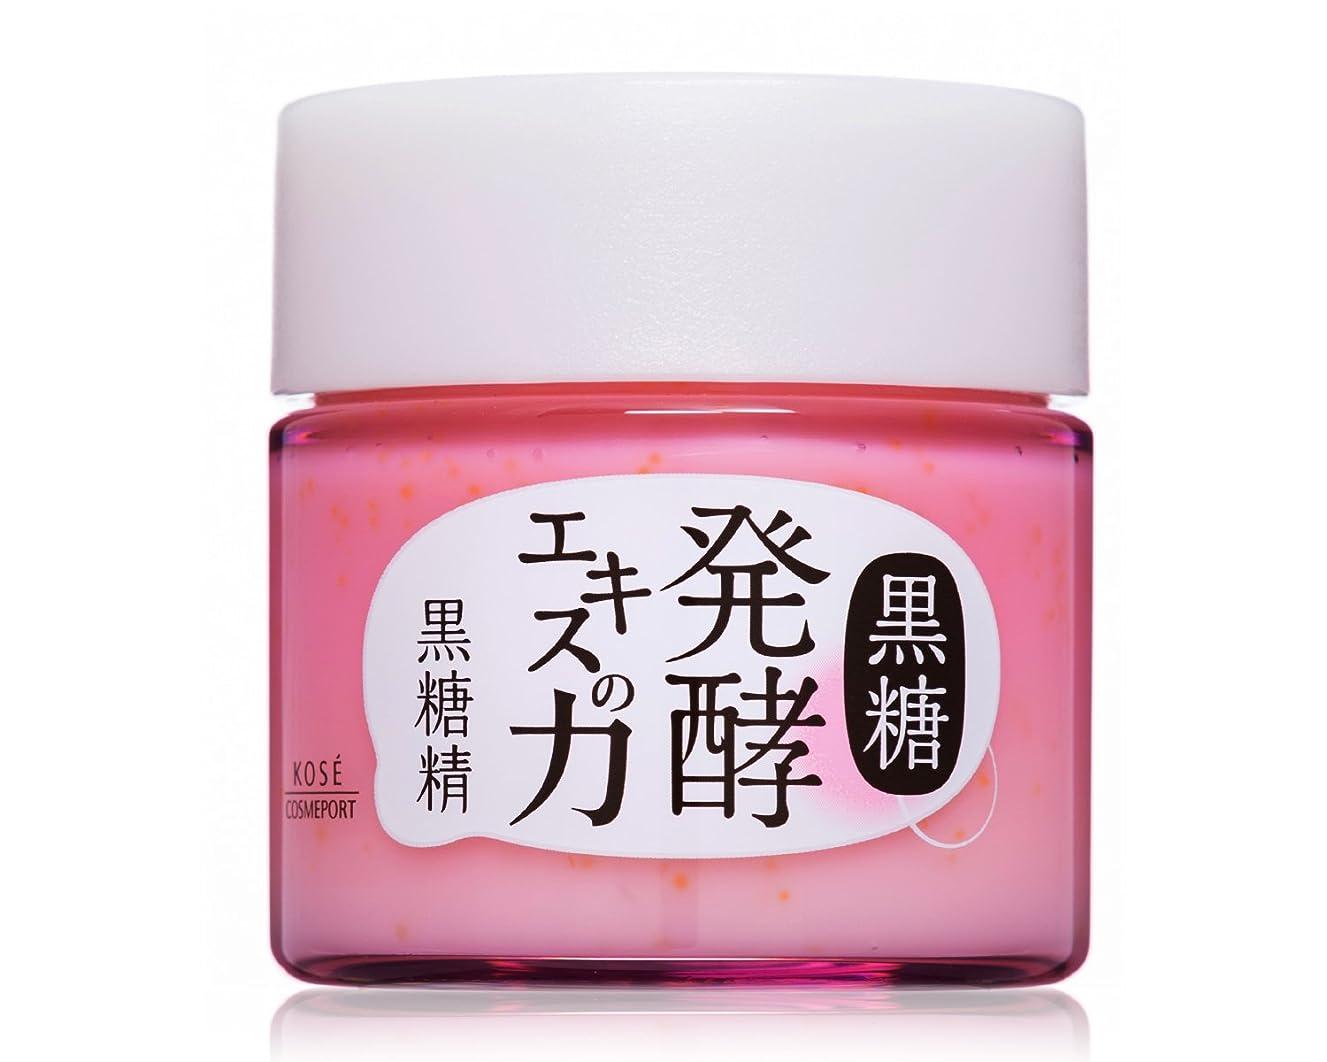 ジャンクション宝石優勢KOSE コーセー 黒糖精 美容液 オイルinクリーム 80g